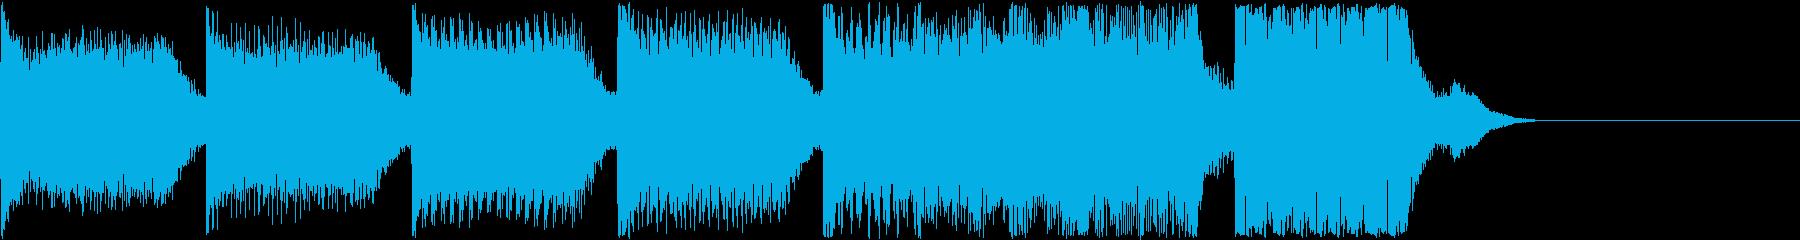 AI メカ/ロボ/マシン動作音 12の再生済みの波形